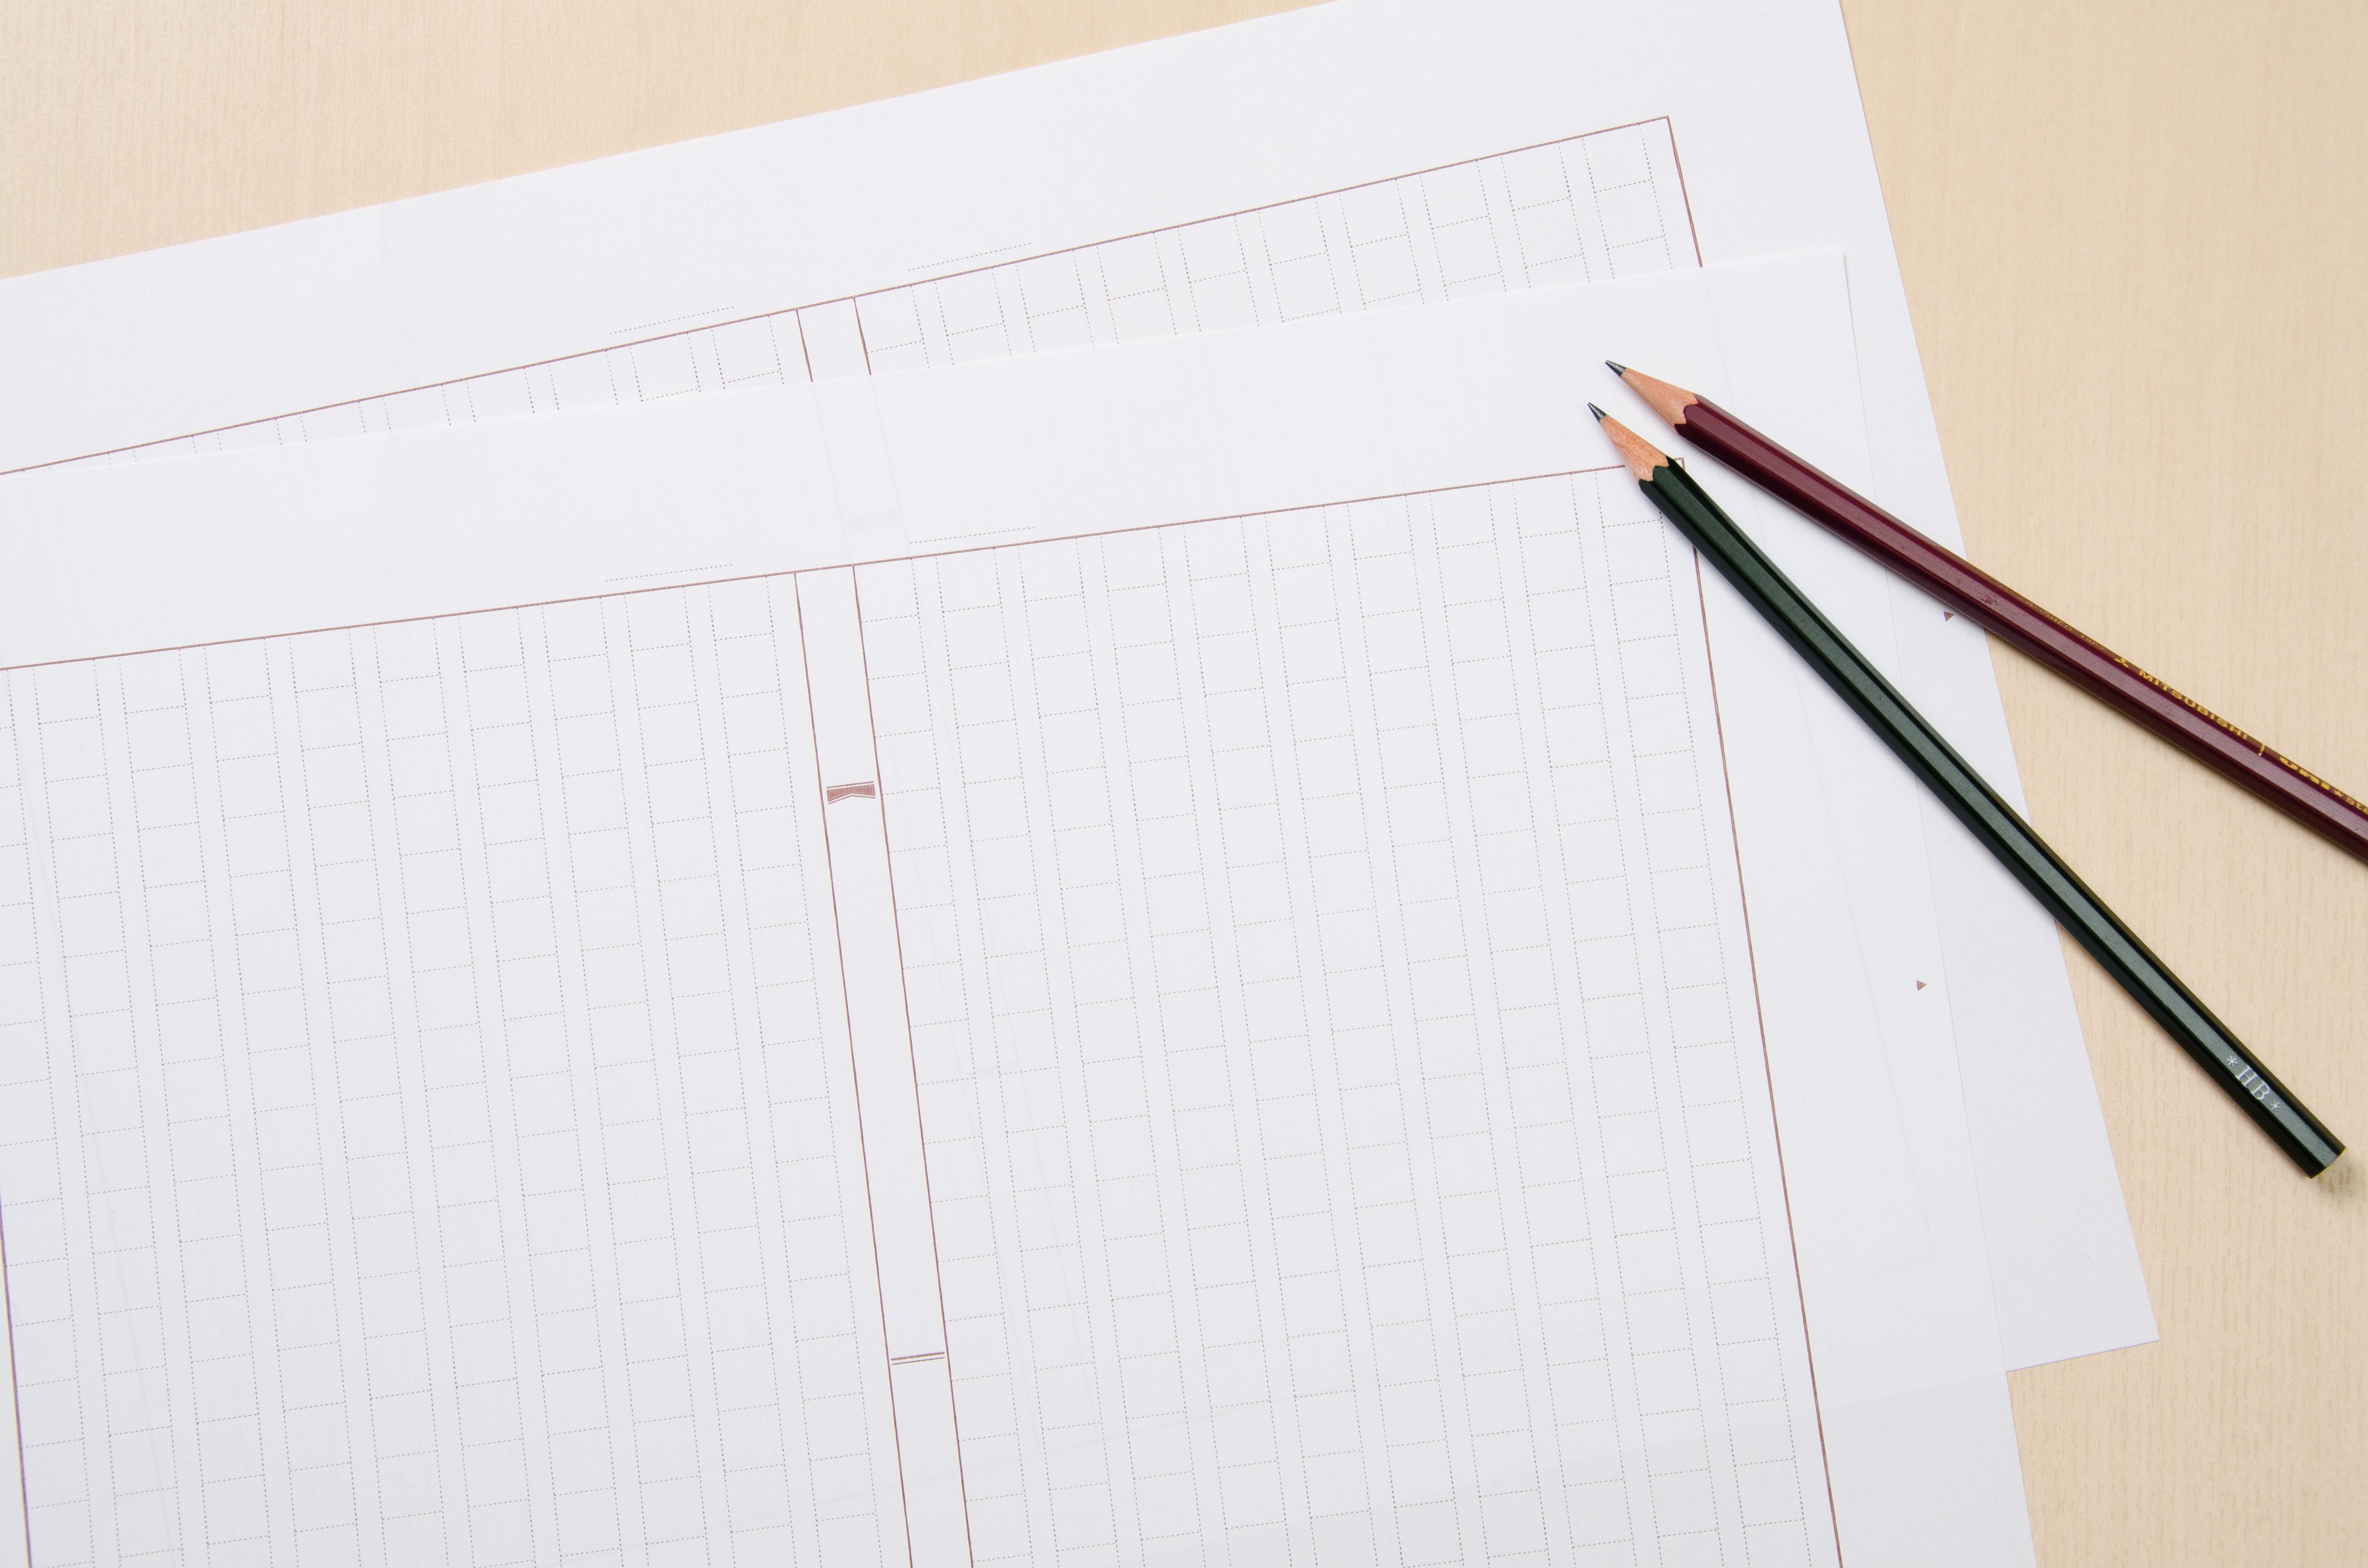 挨拶がテーマの作文の書き出しやコツ、書き方例文